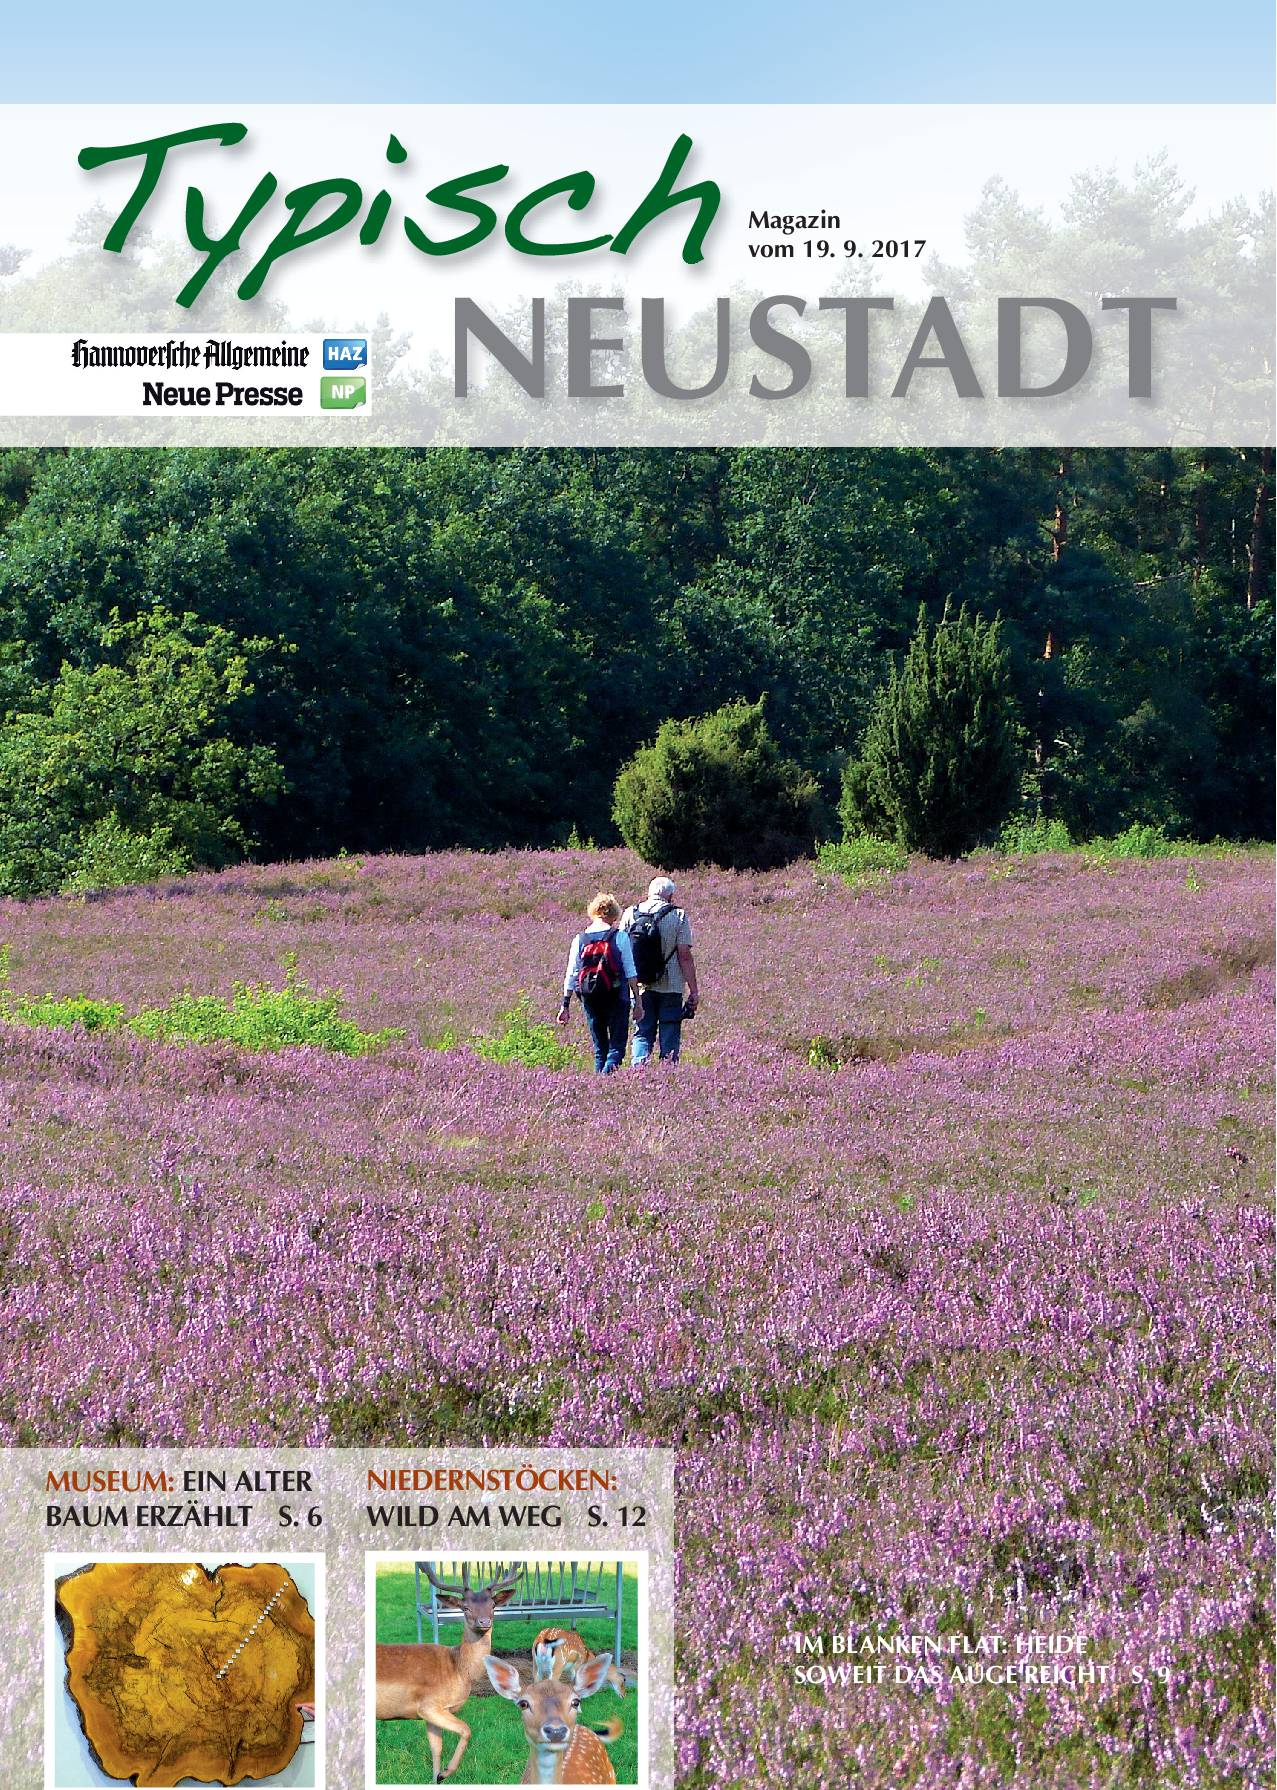 neustadt-nr-3-vom-19-09-2017